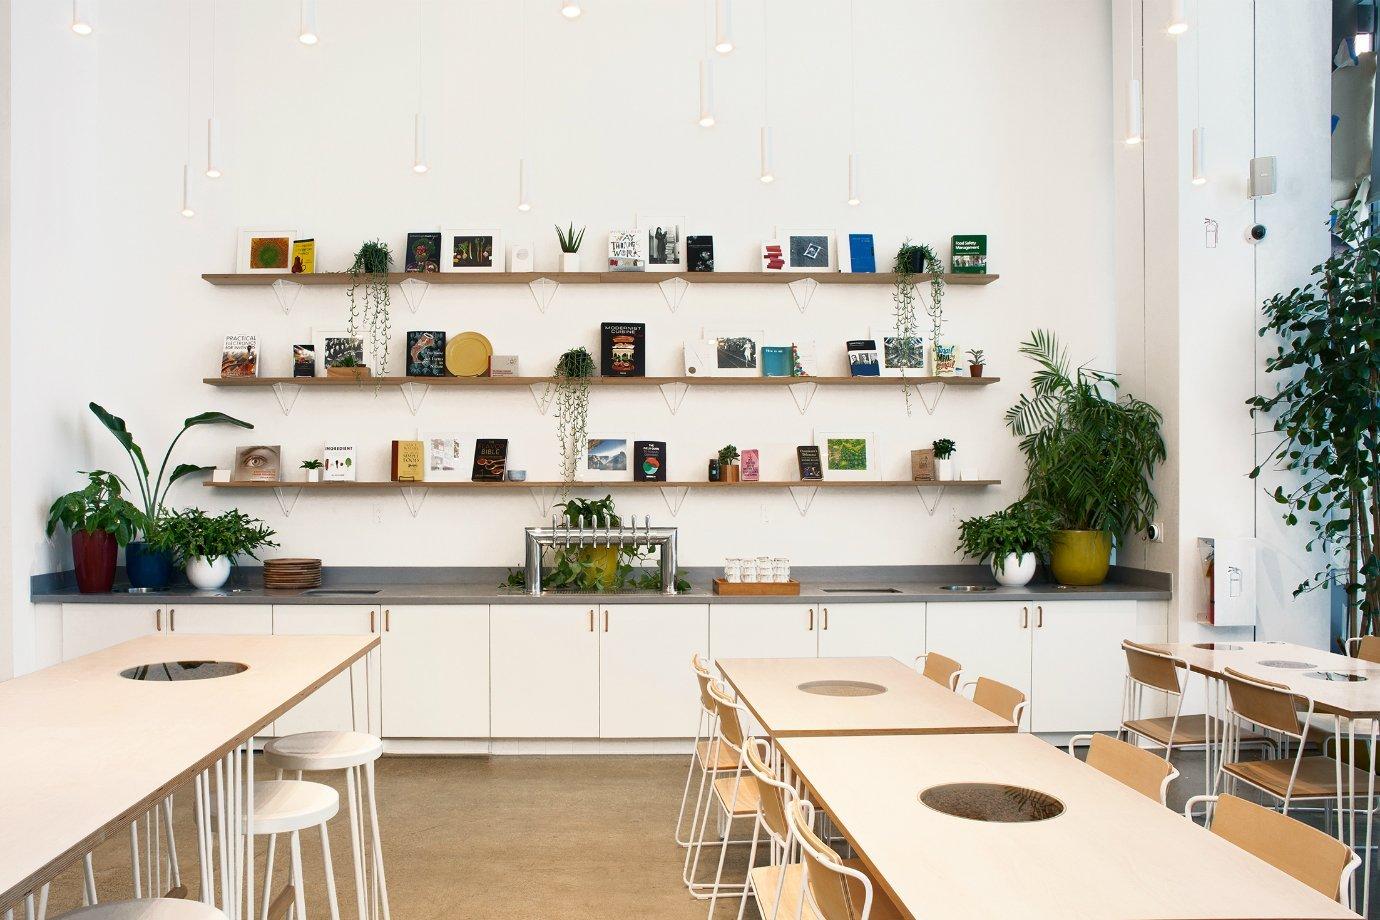 Espaço da hamburgueria Creator, com livros nas prateleiras